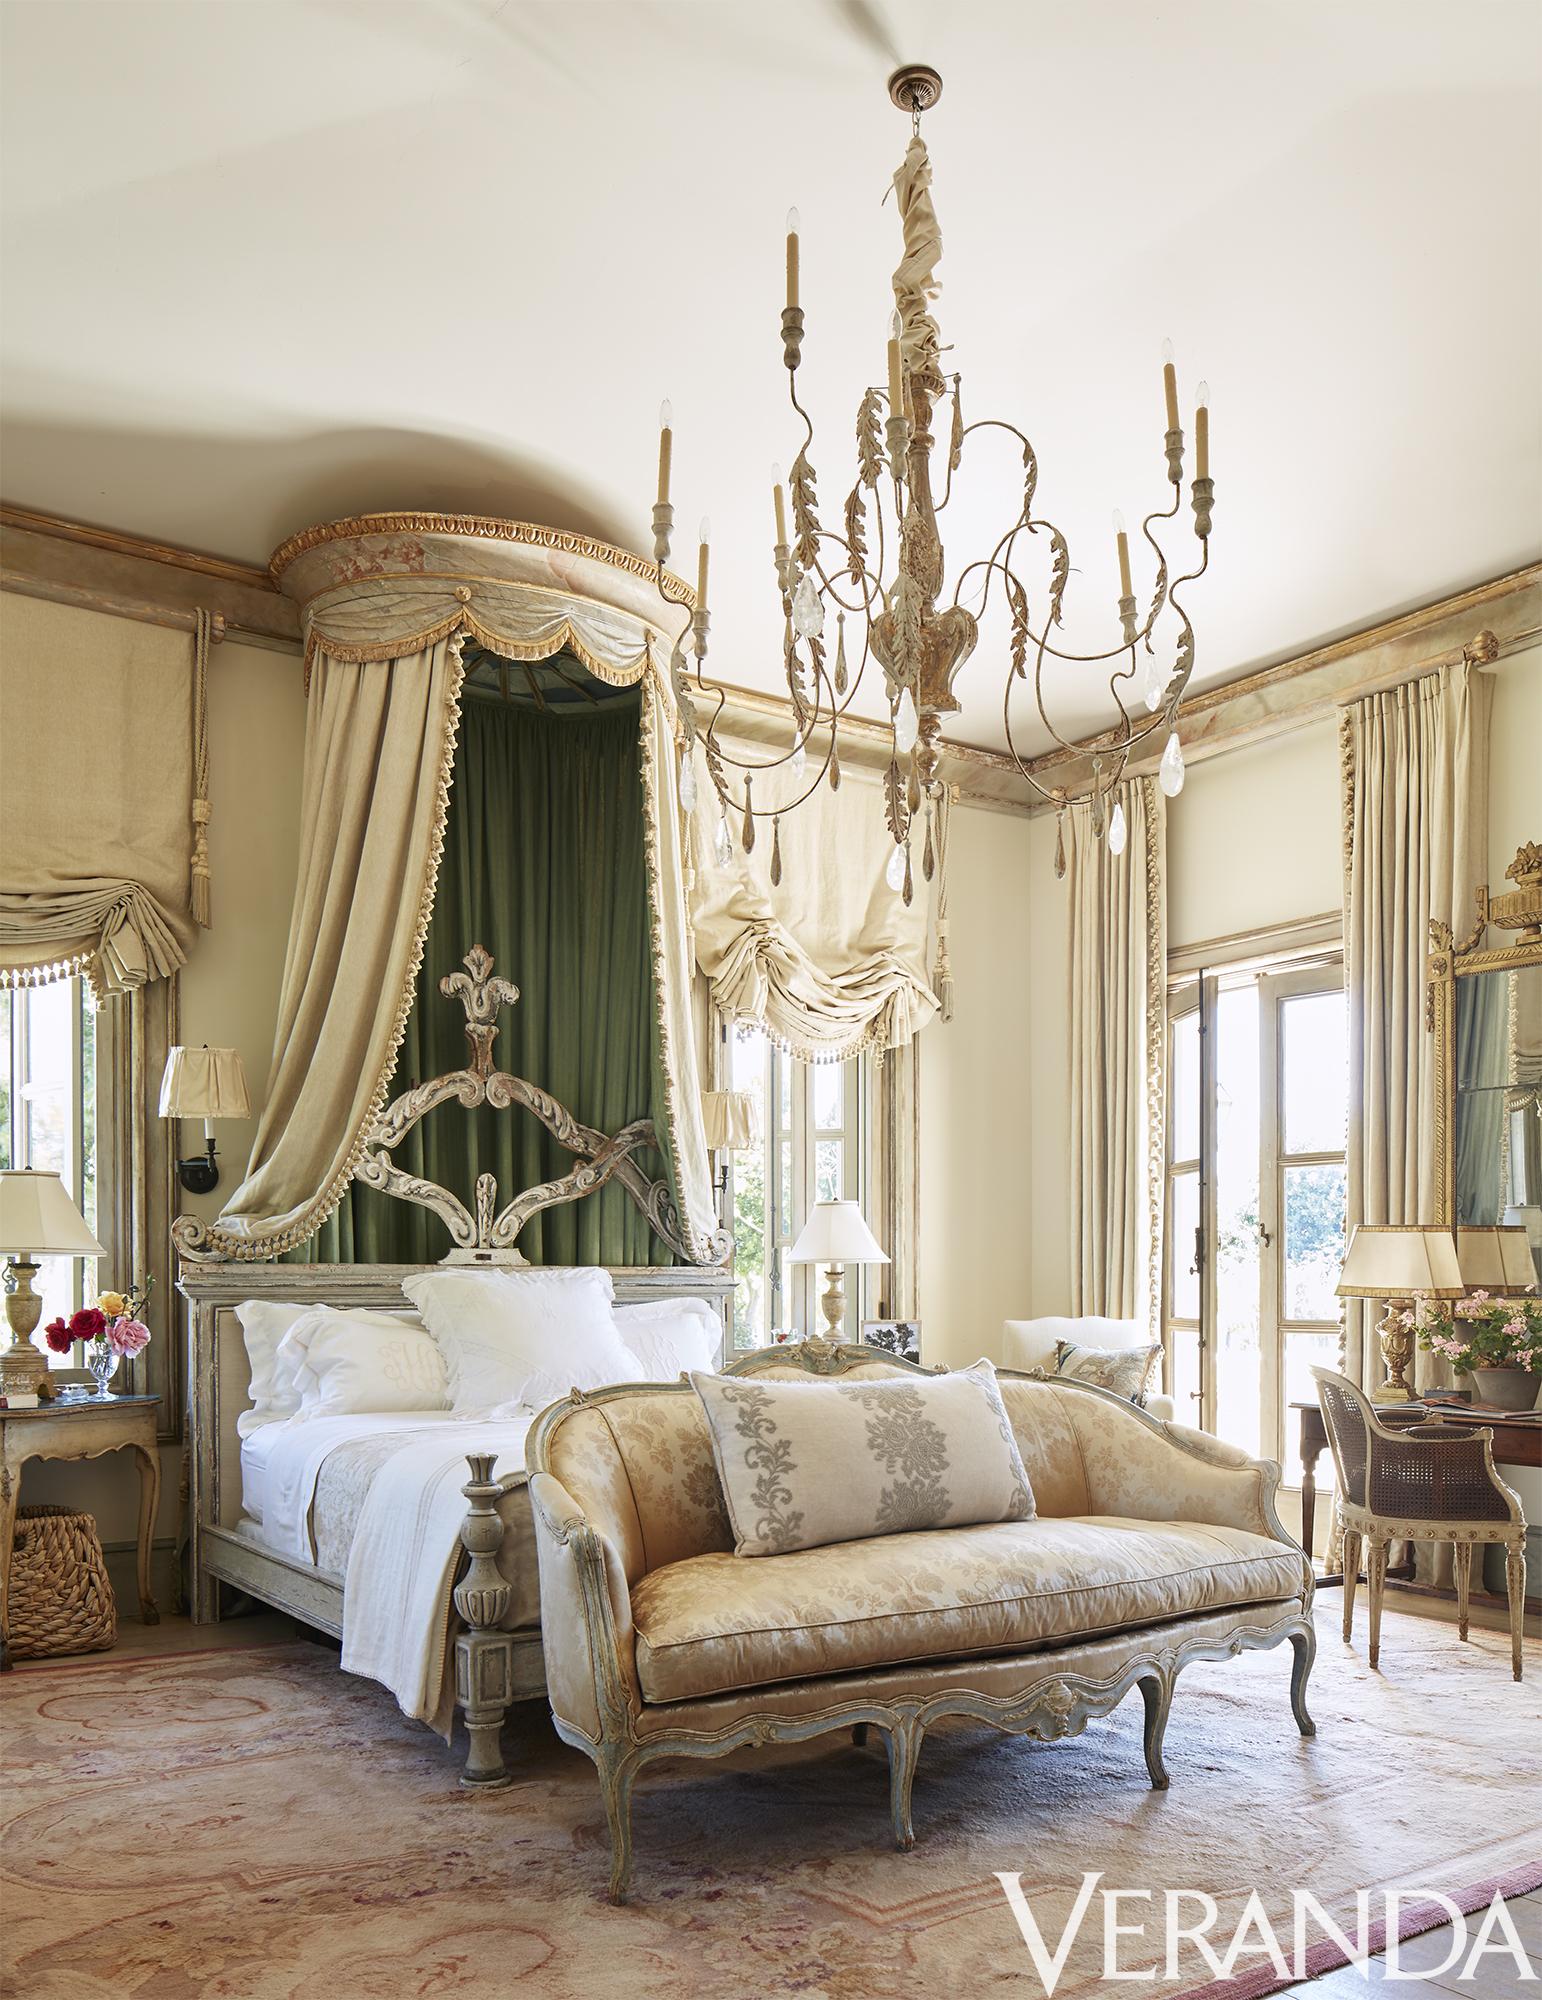 30 Best Bedroom Ideas - Beautiful Bedroom Decor ... on Beautiful Room Decor  id=21073